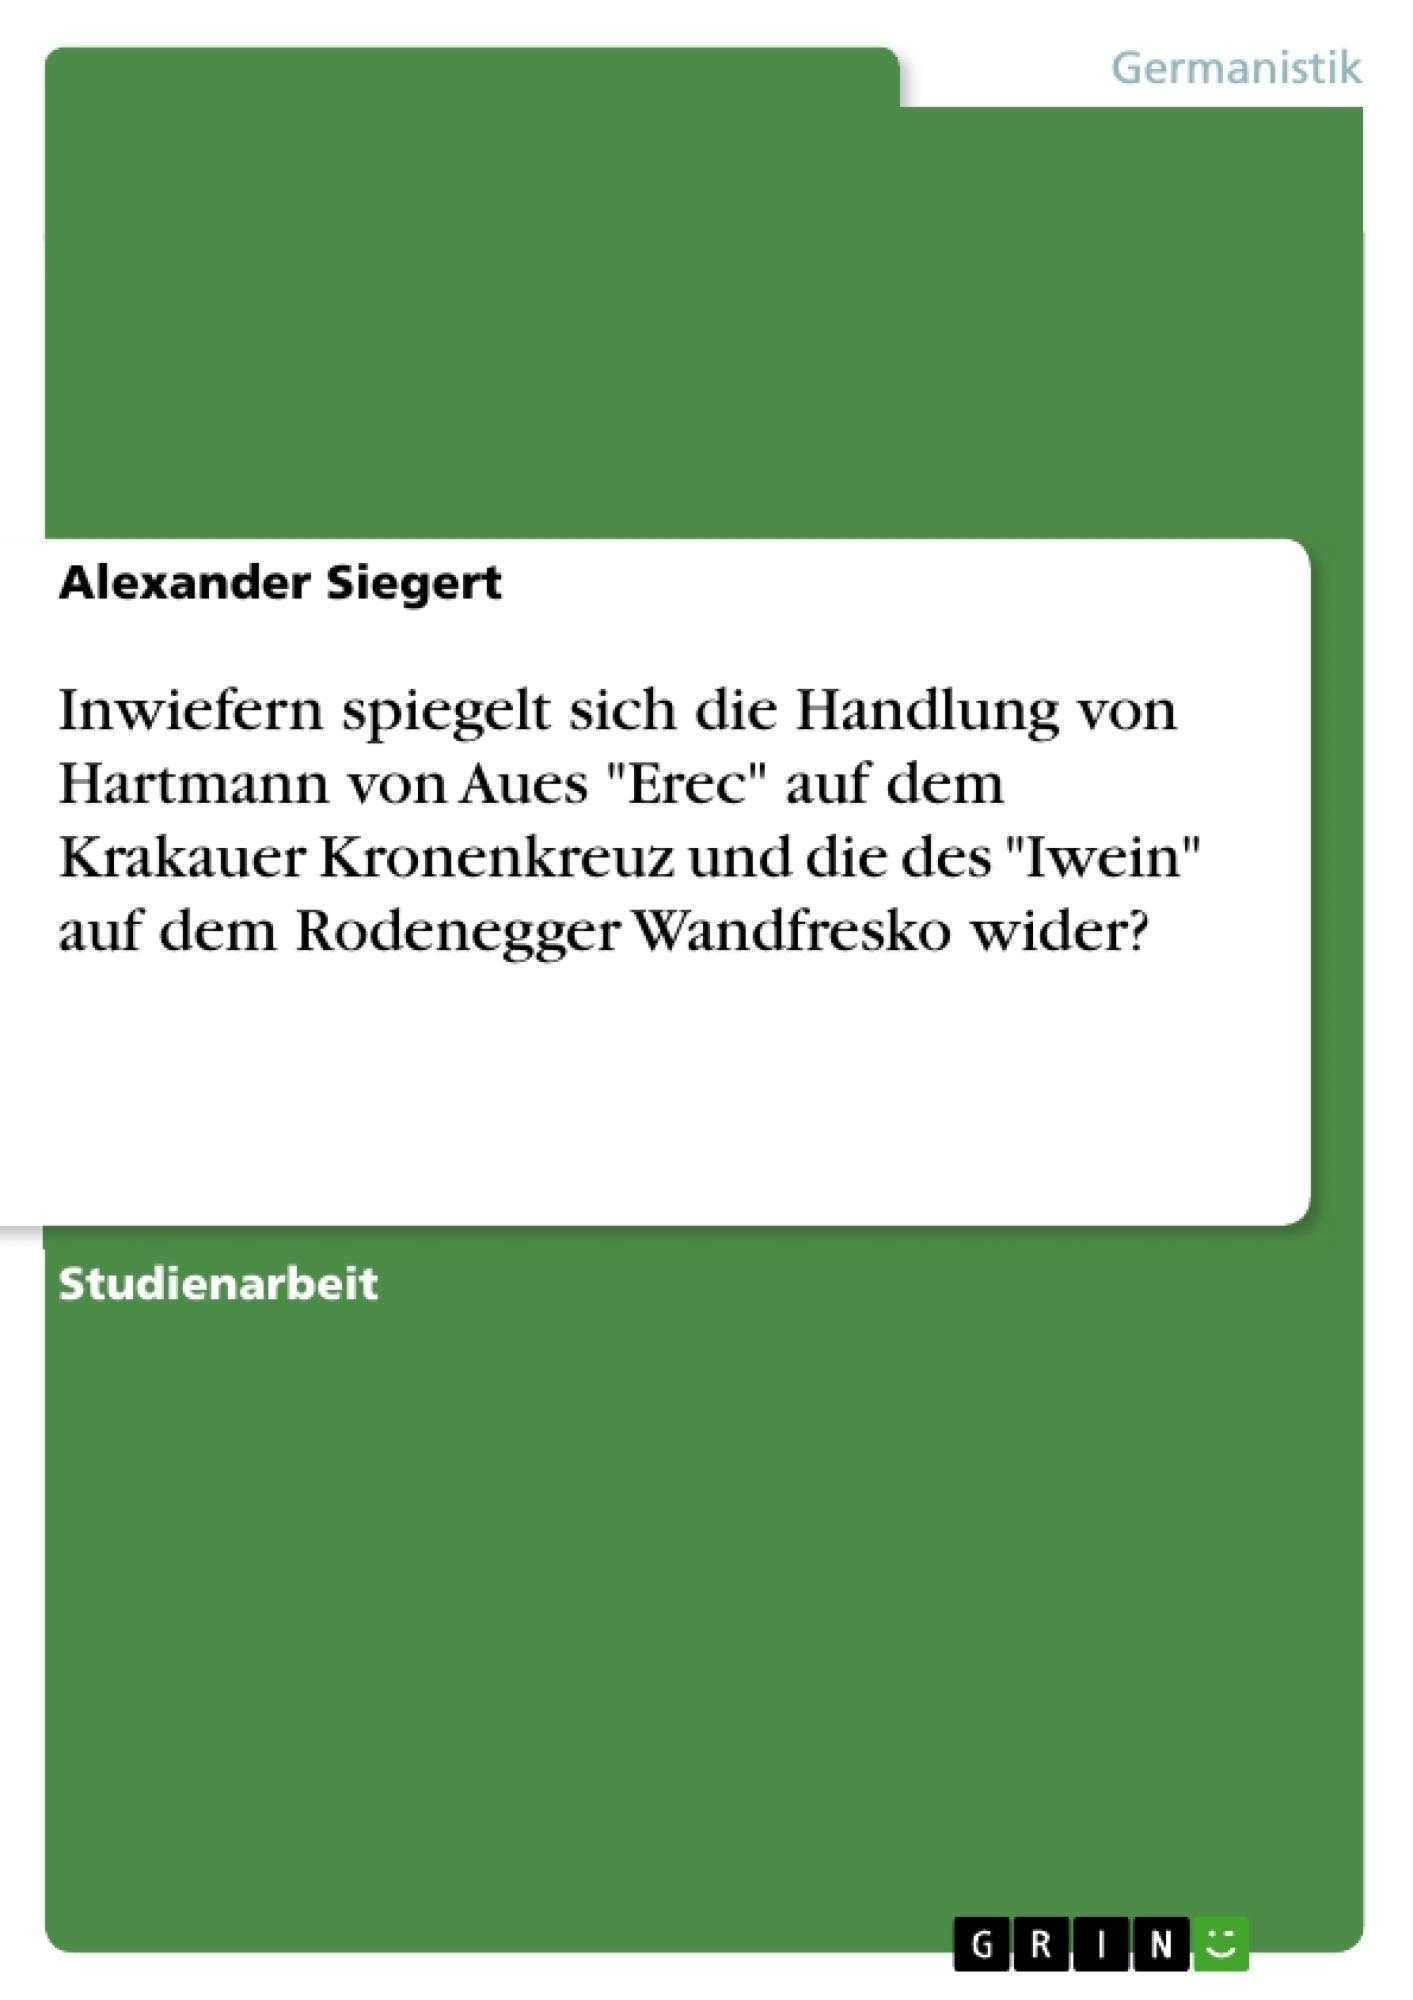 """Titel: Inwiefern spiegelt sich die Handlung von Hartmann von Aues """"Erec"""" auf dem Krakauer Kronenkreuz und die des """"Iwein"""" auf dem Rodenegger Wandfresko wider?"""